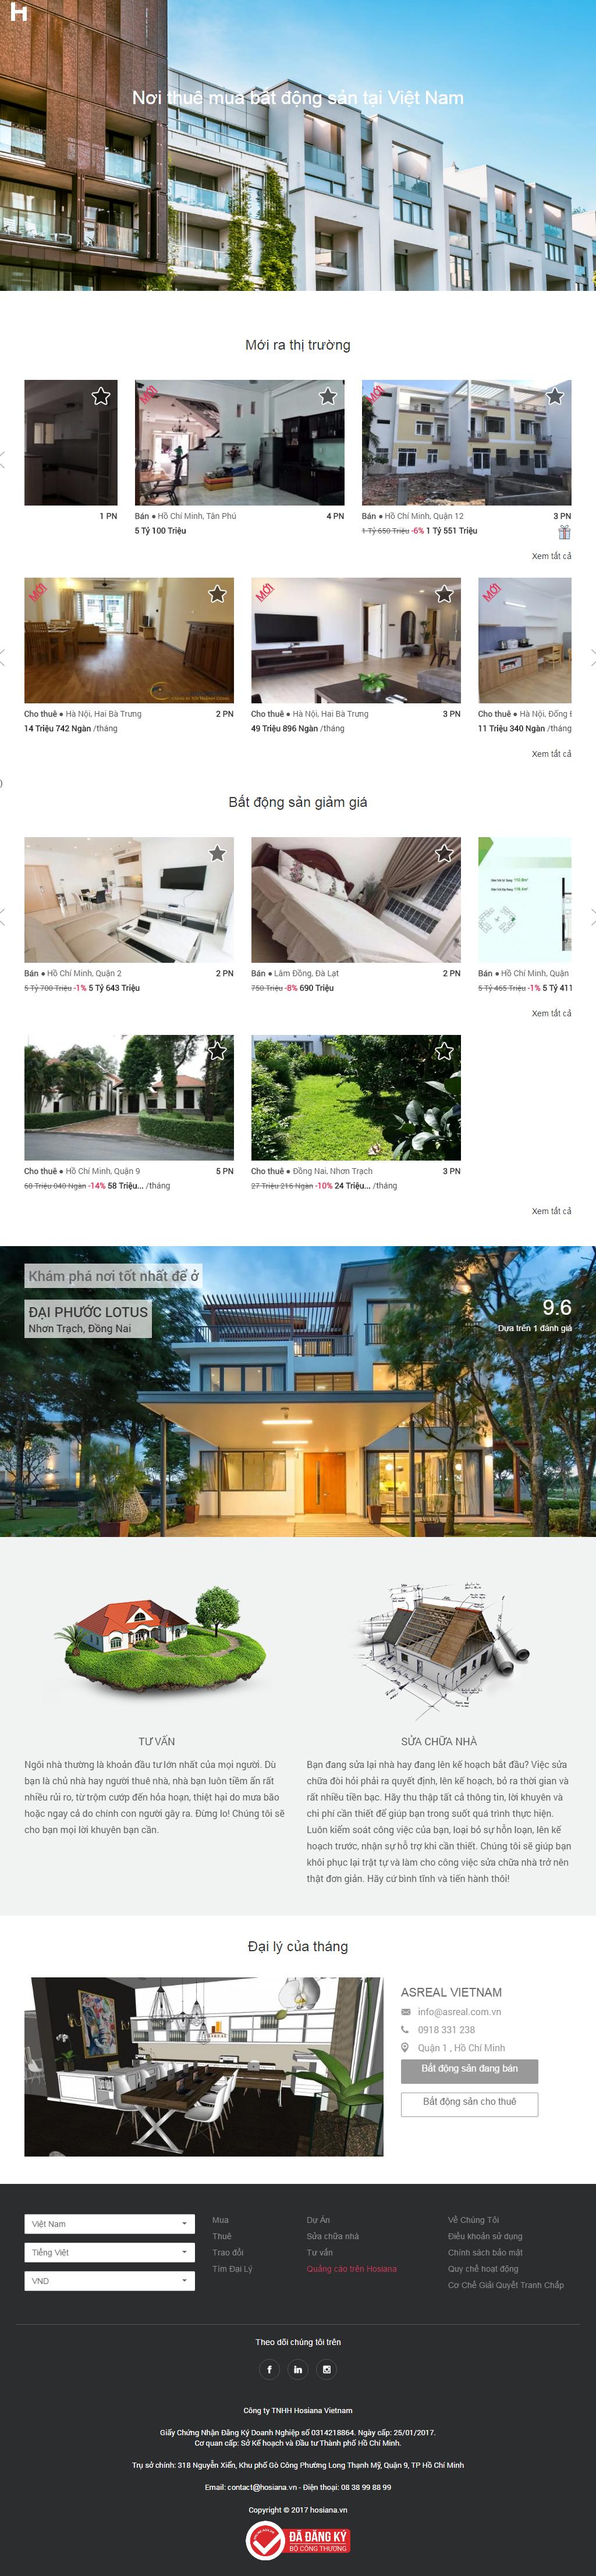 Giao diện website Bất động sản Z - 279